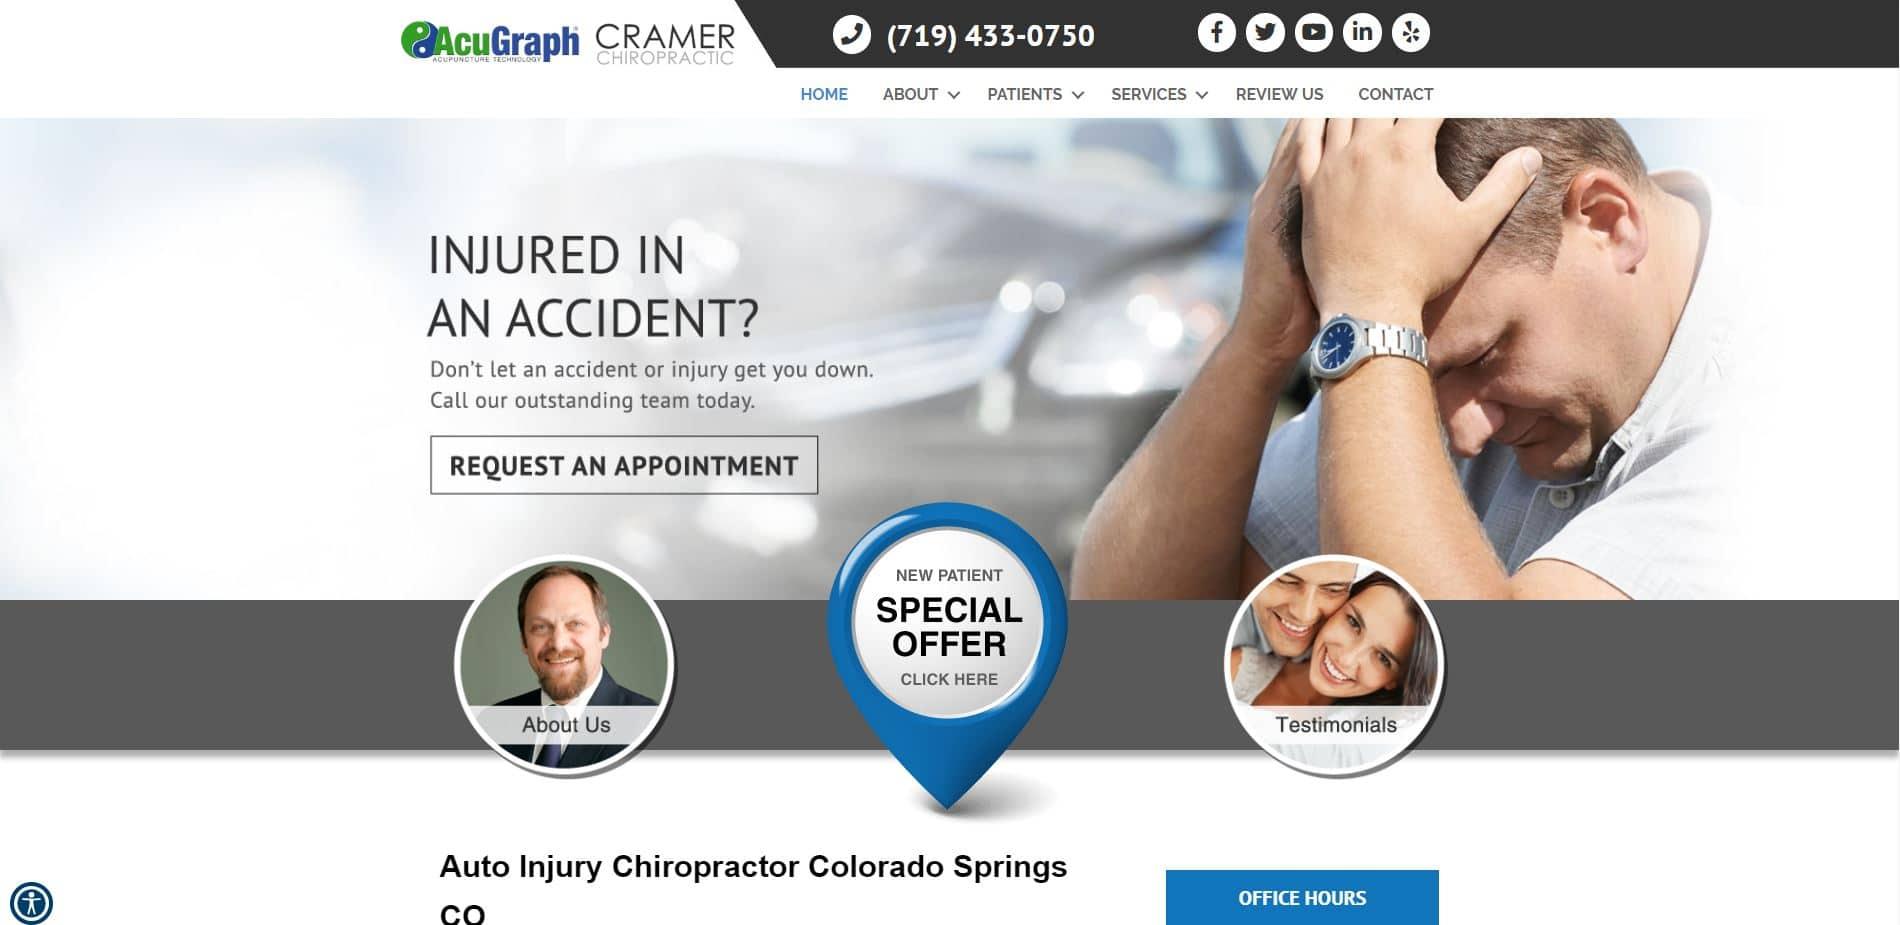 Chiropractor in Colorado Springs